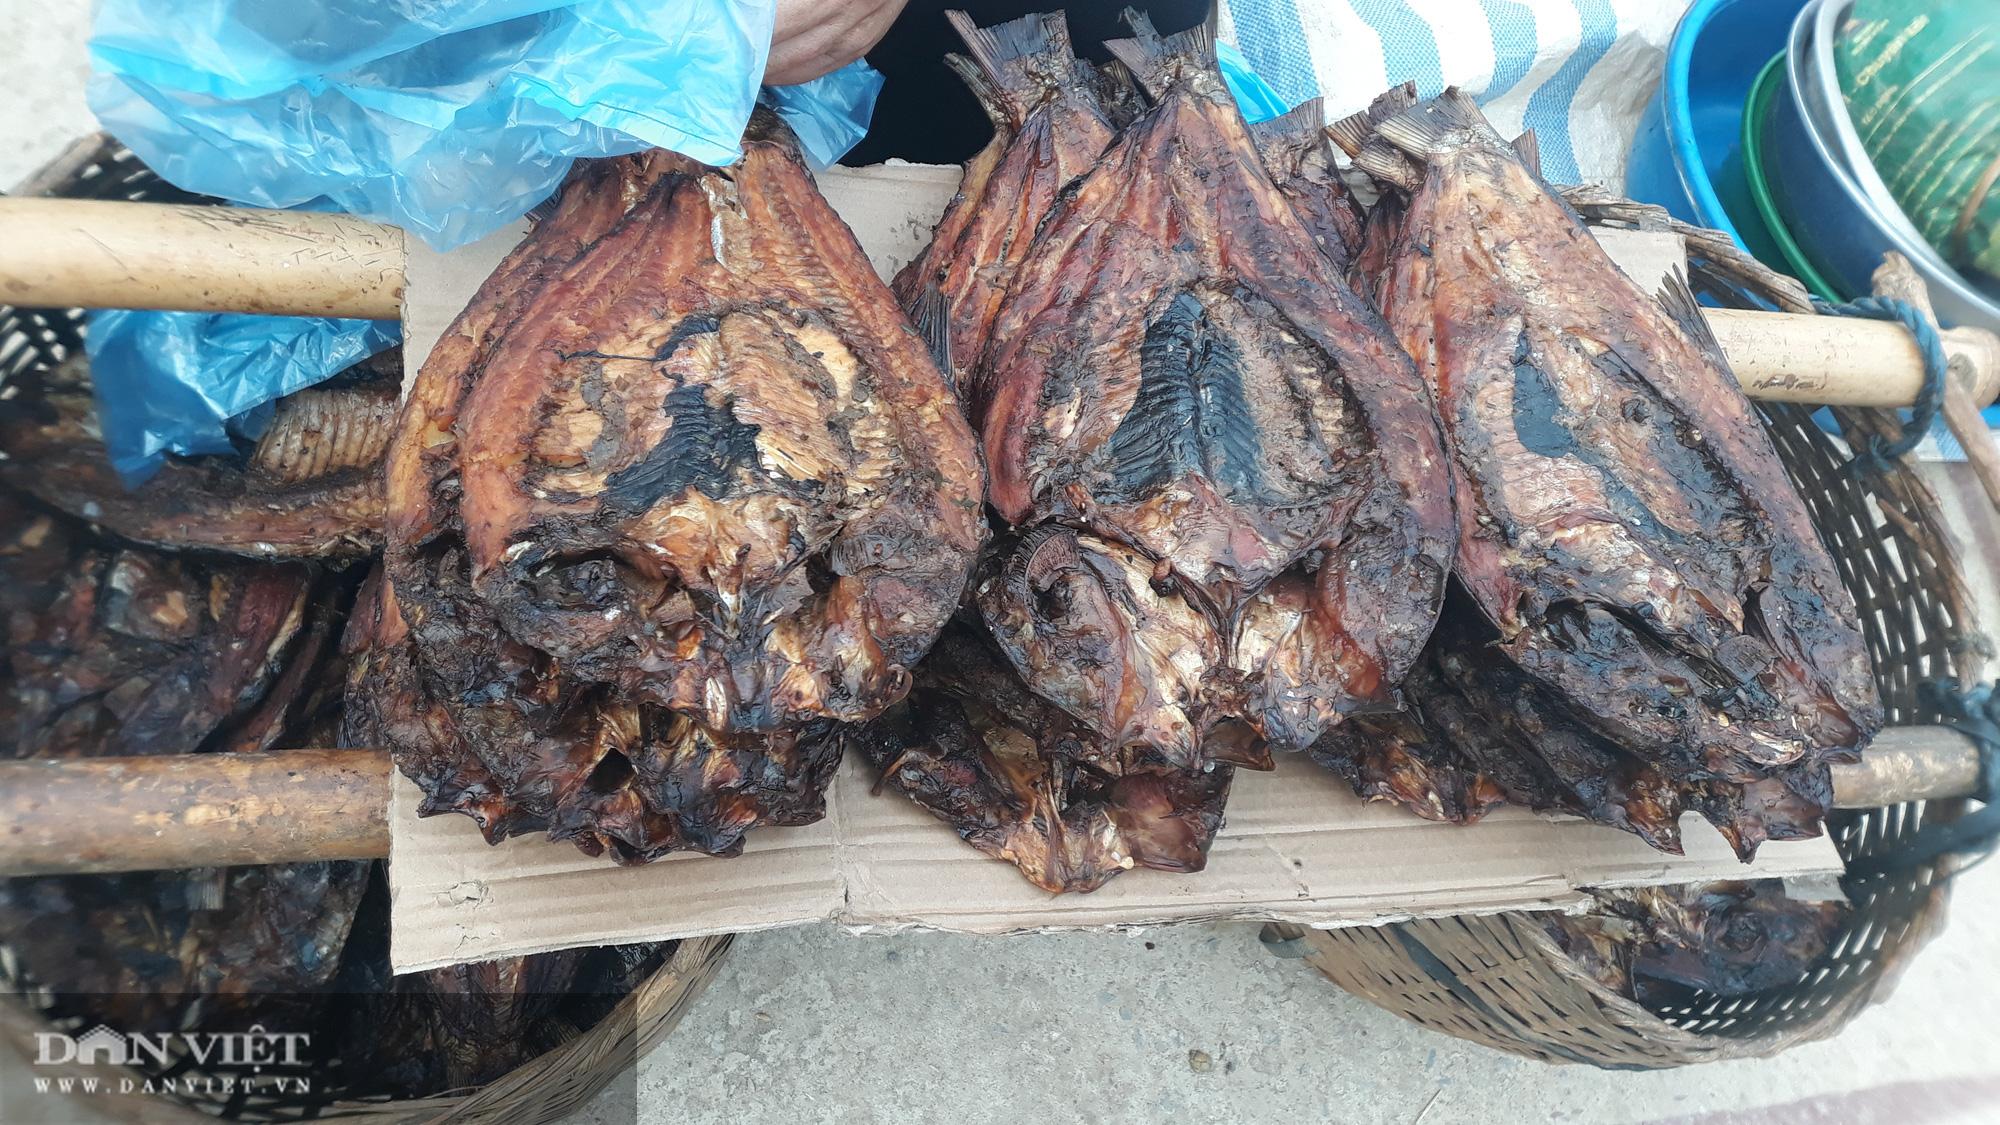 """Đi chợ phiên Muổi Nọi """"săn"""" thứ lợn đặc sản bé tý, côn trùng và rau rừng - Ảnh 5."""